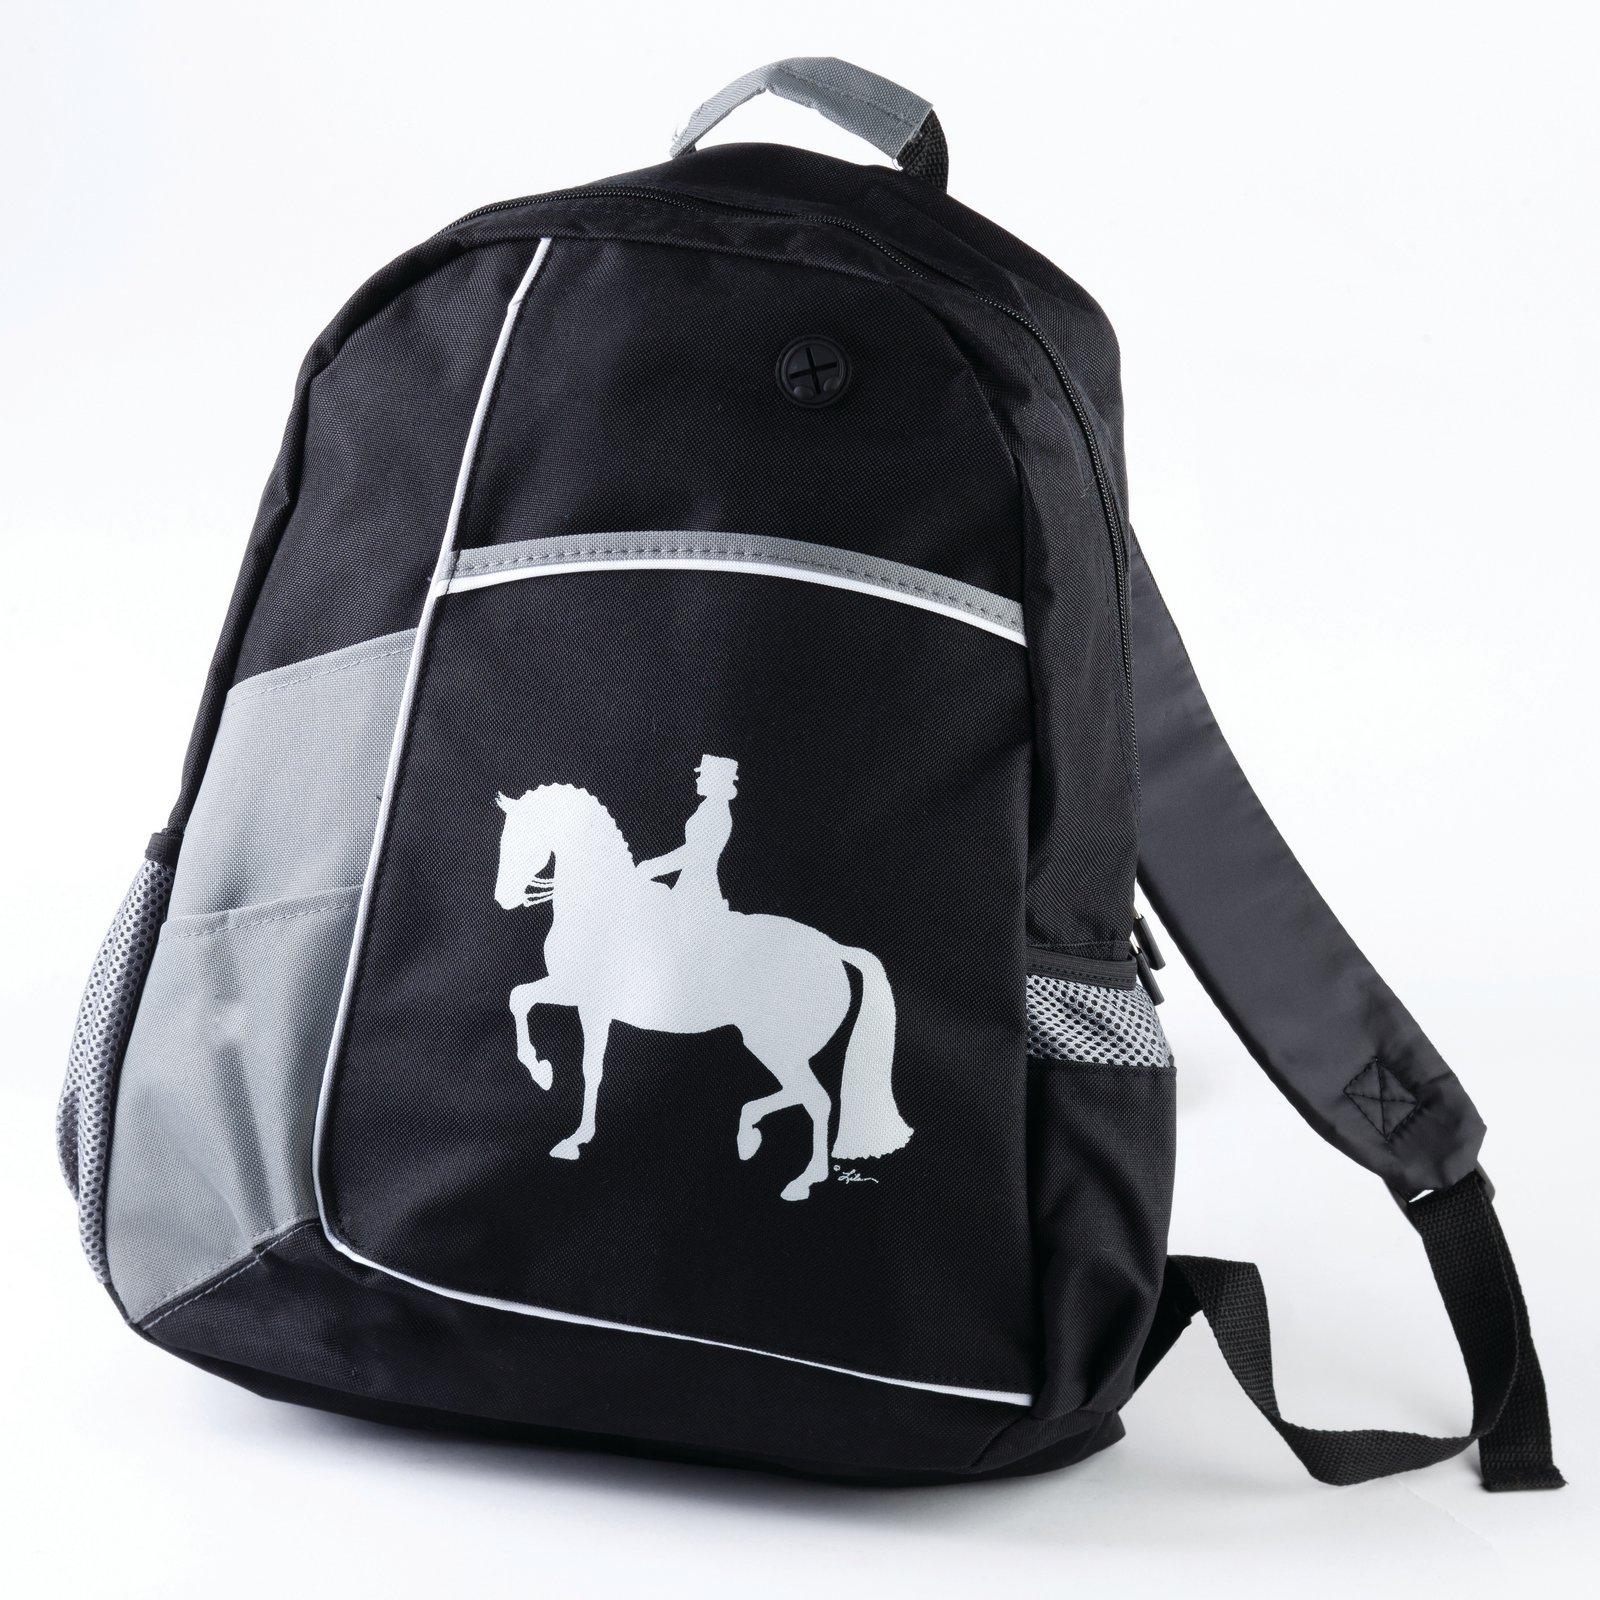 Dressage Horse Backpack